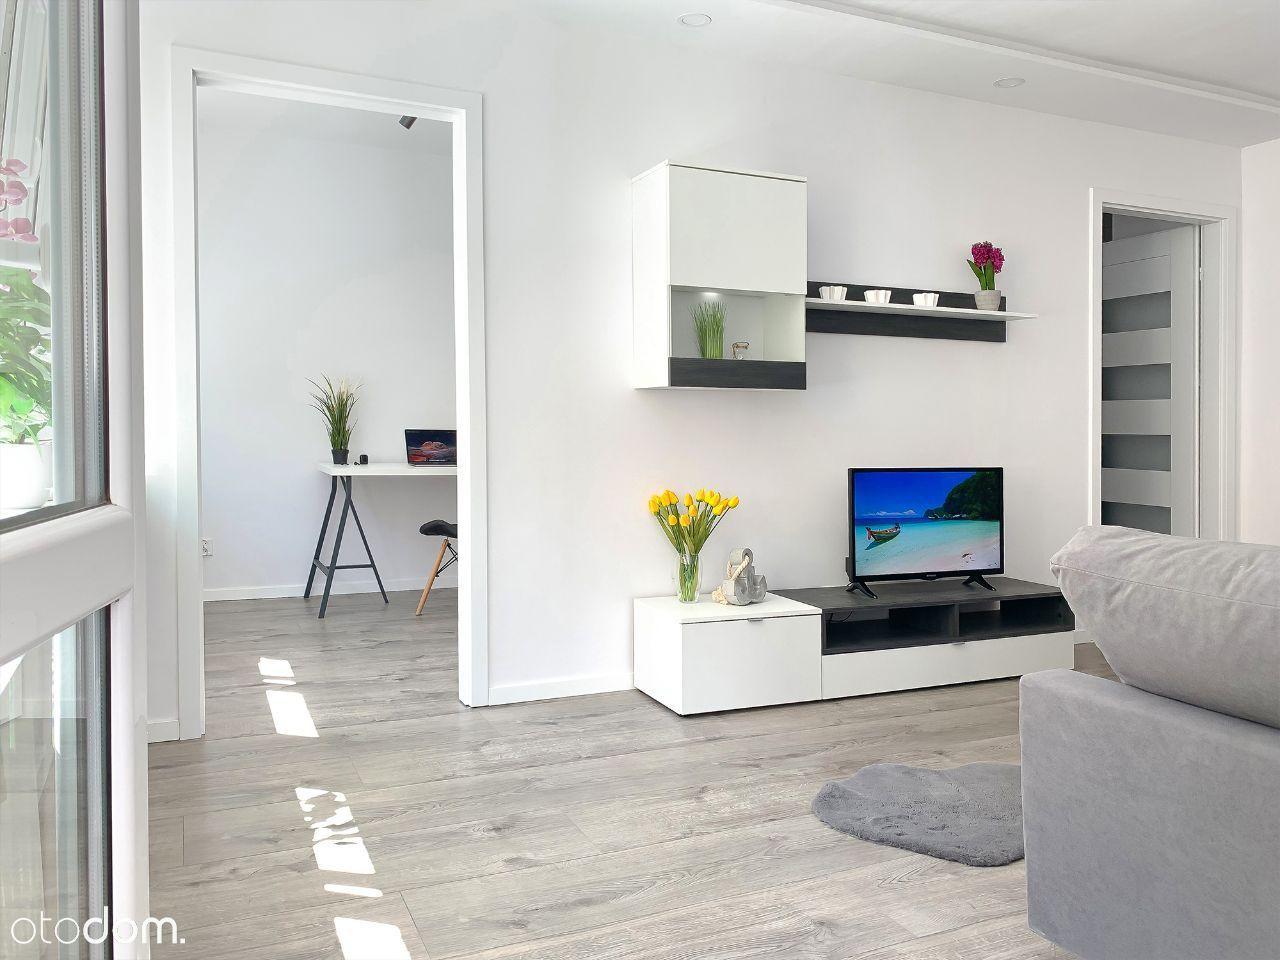 Mieszkanie 3 pokoje + balkon 49,4 m2 _ 0% prowizji